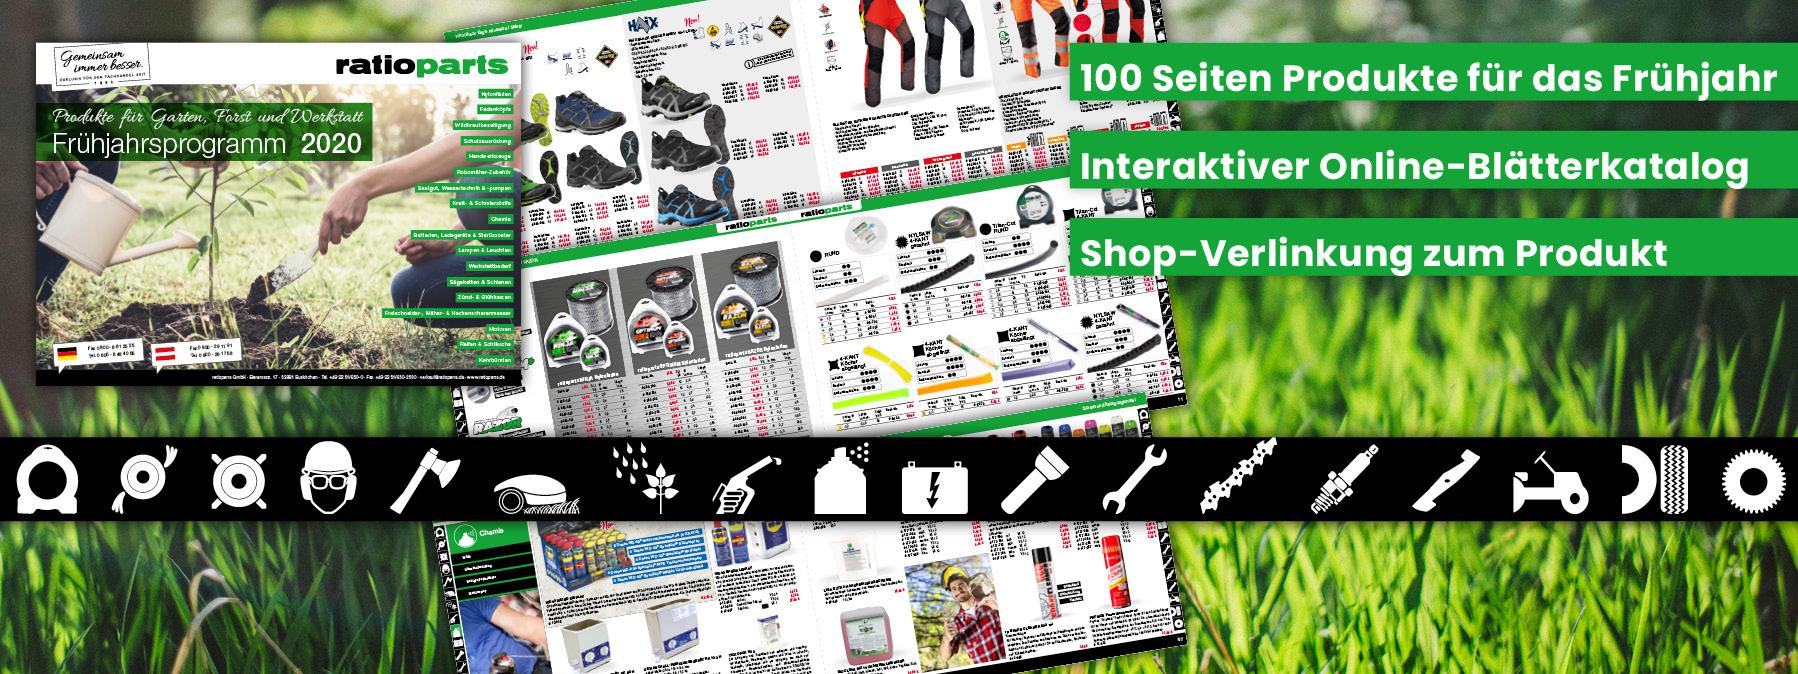 Frühjahrsprogramm 2020 - Produkte für Garten, Forst und Werkstatt